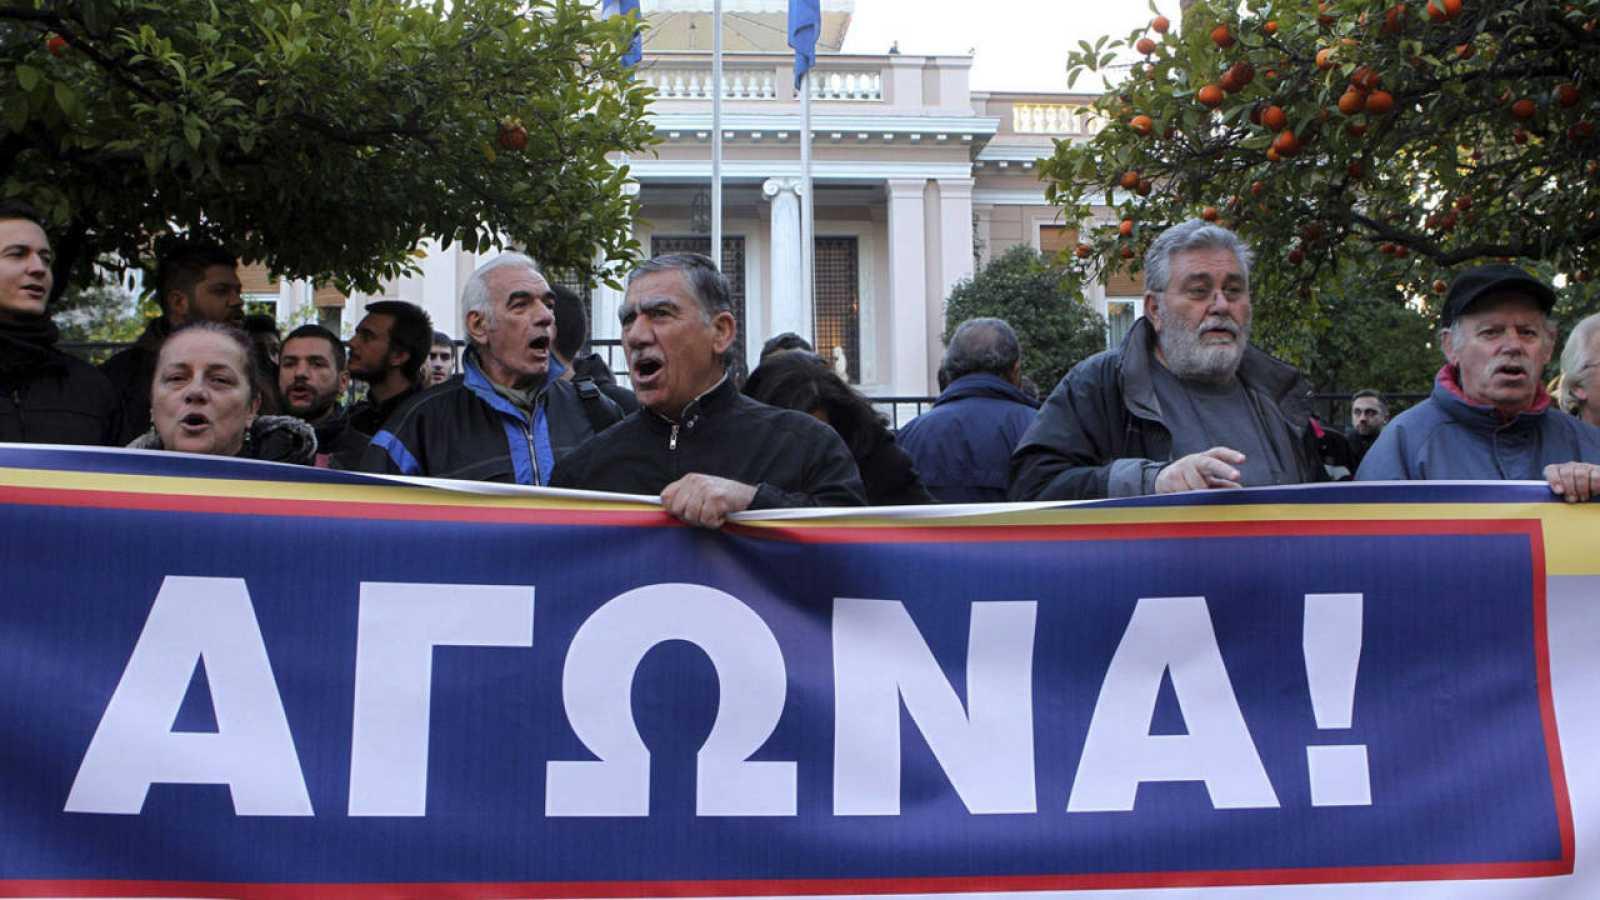 Miembros del sindicato PAME protestan contra las reformas de las pensiones a las puertas de la Mansión Maximos en Atenas